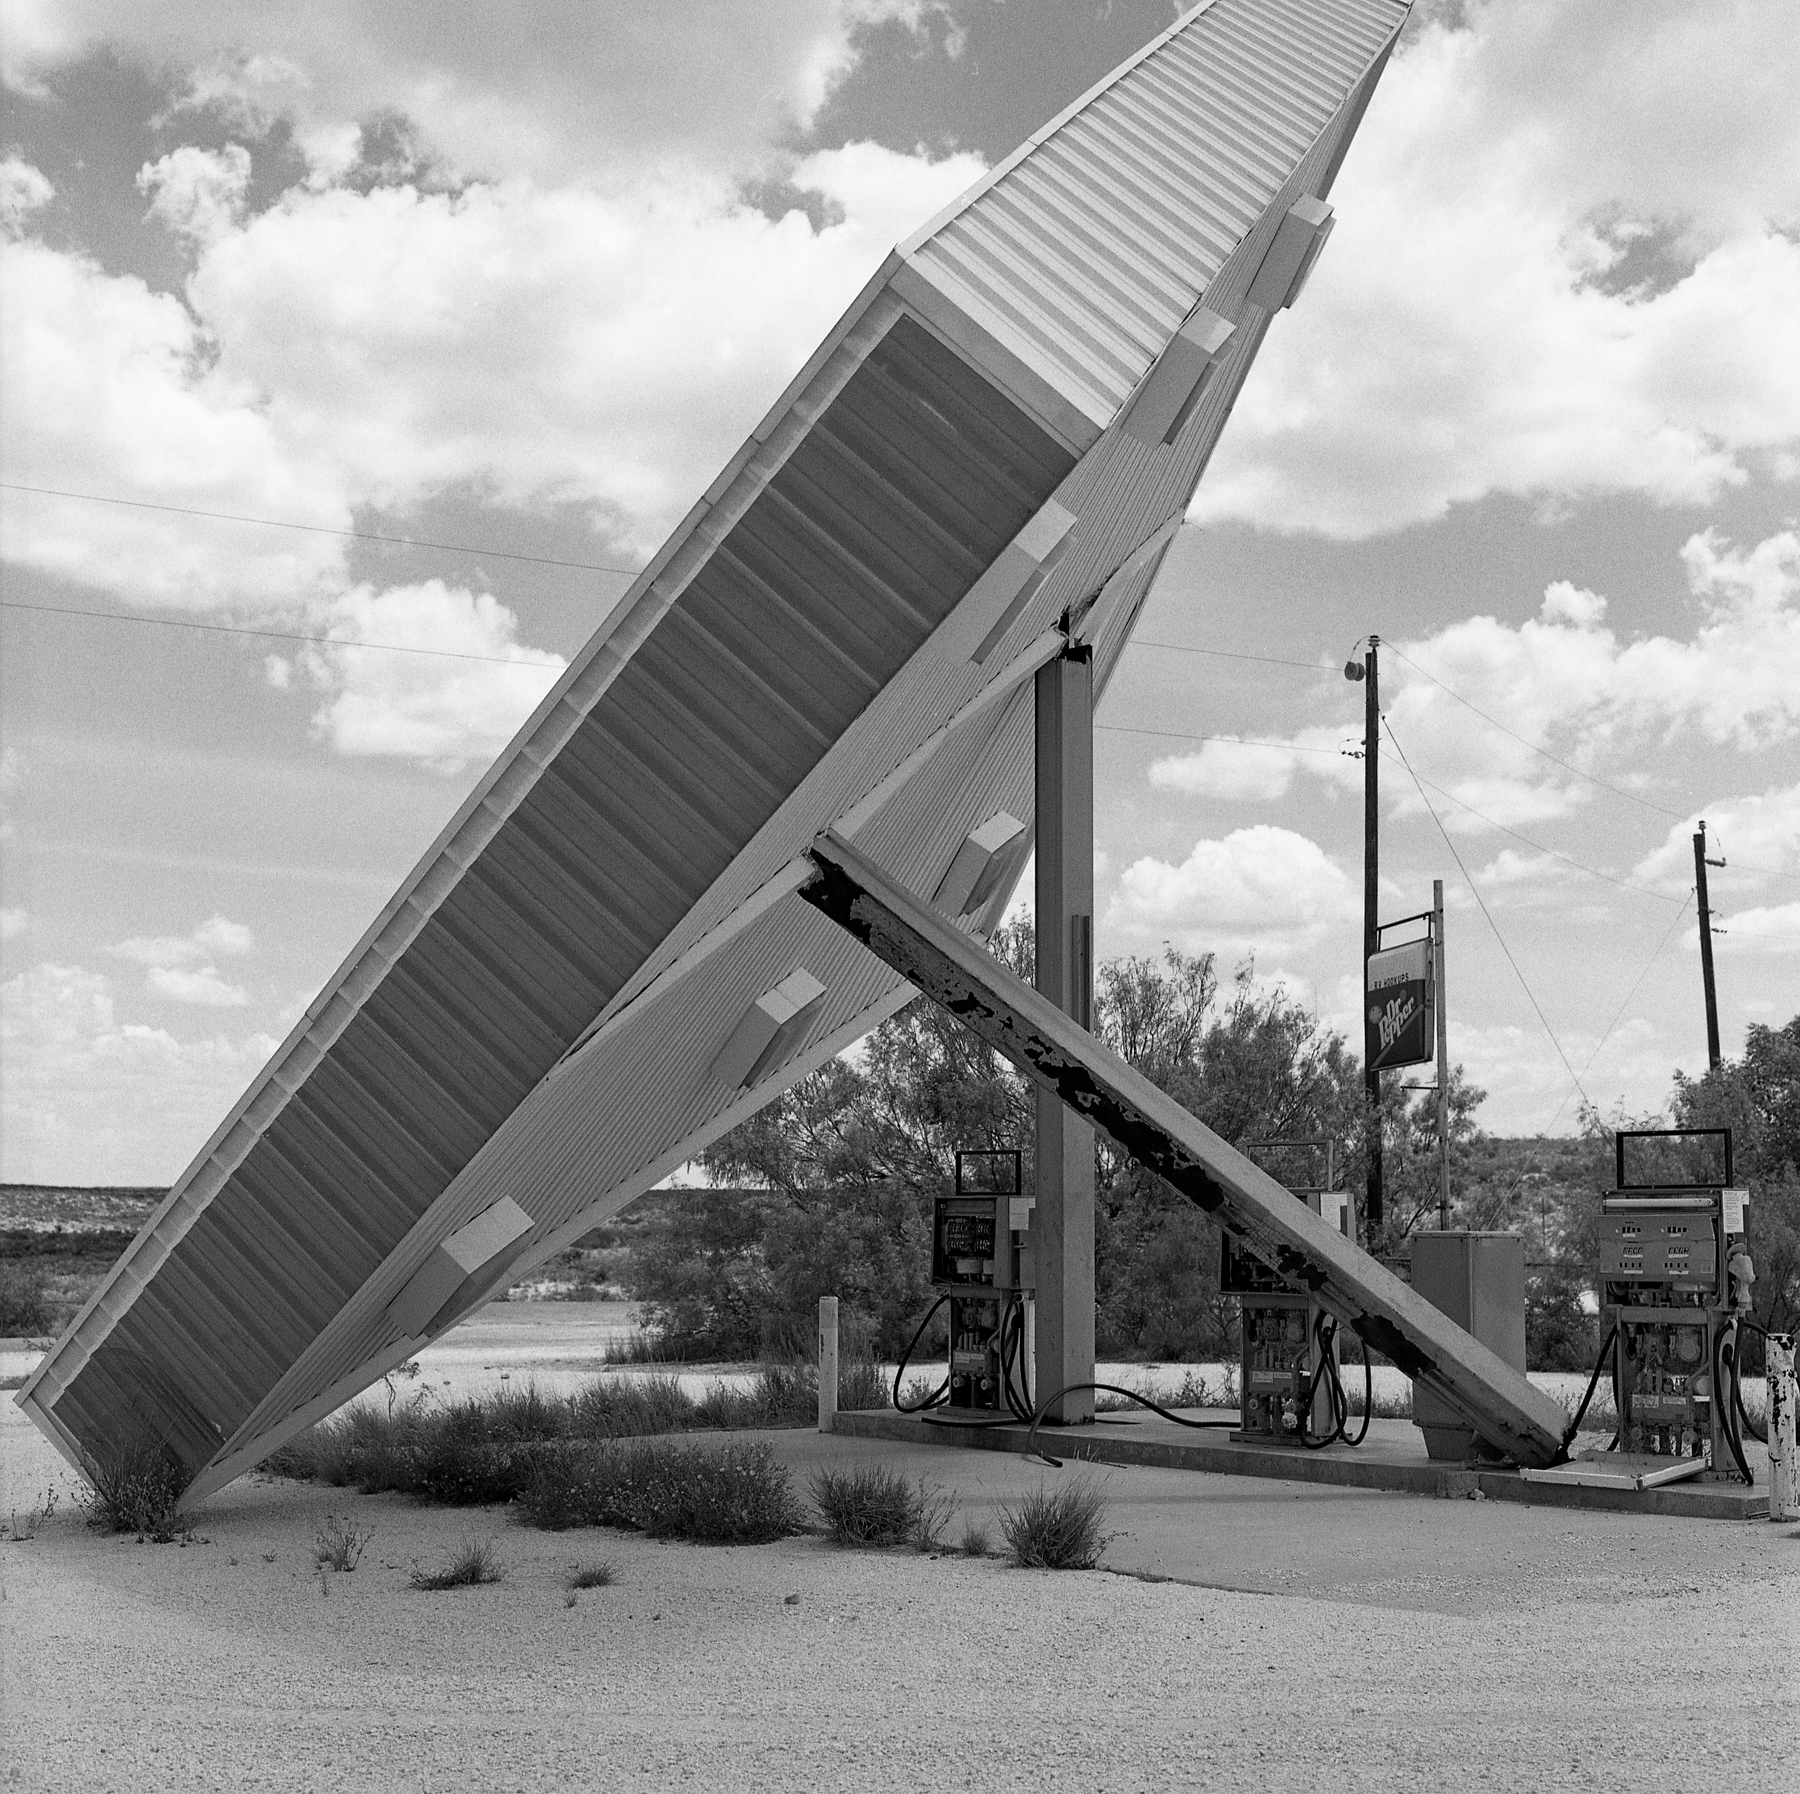 Broke Down | Hasselblad 500 | Kodak Tri-X | Amy Jasek